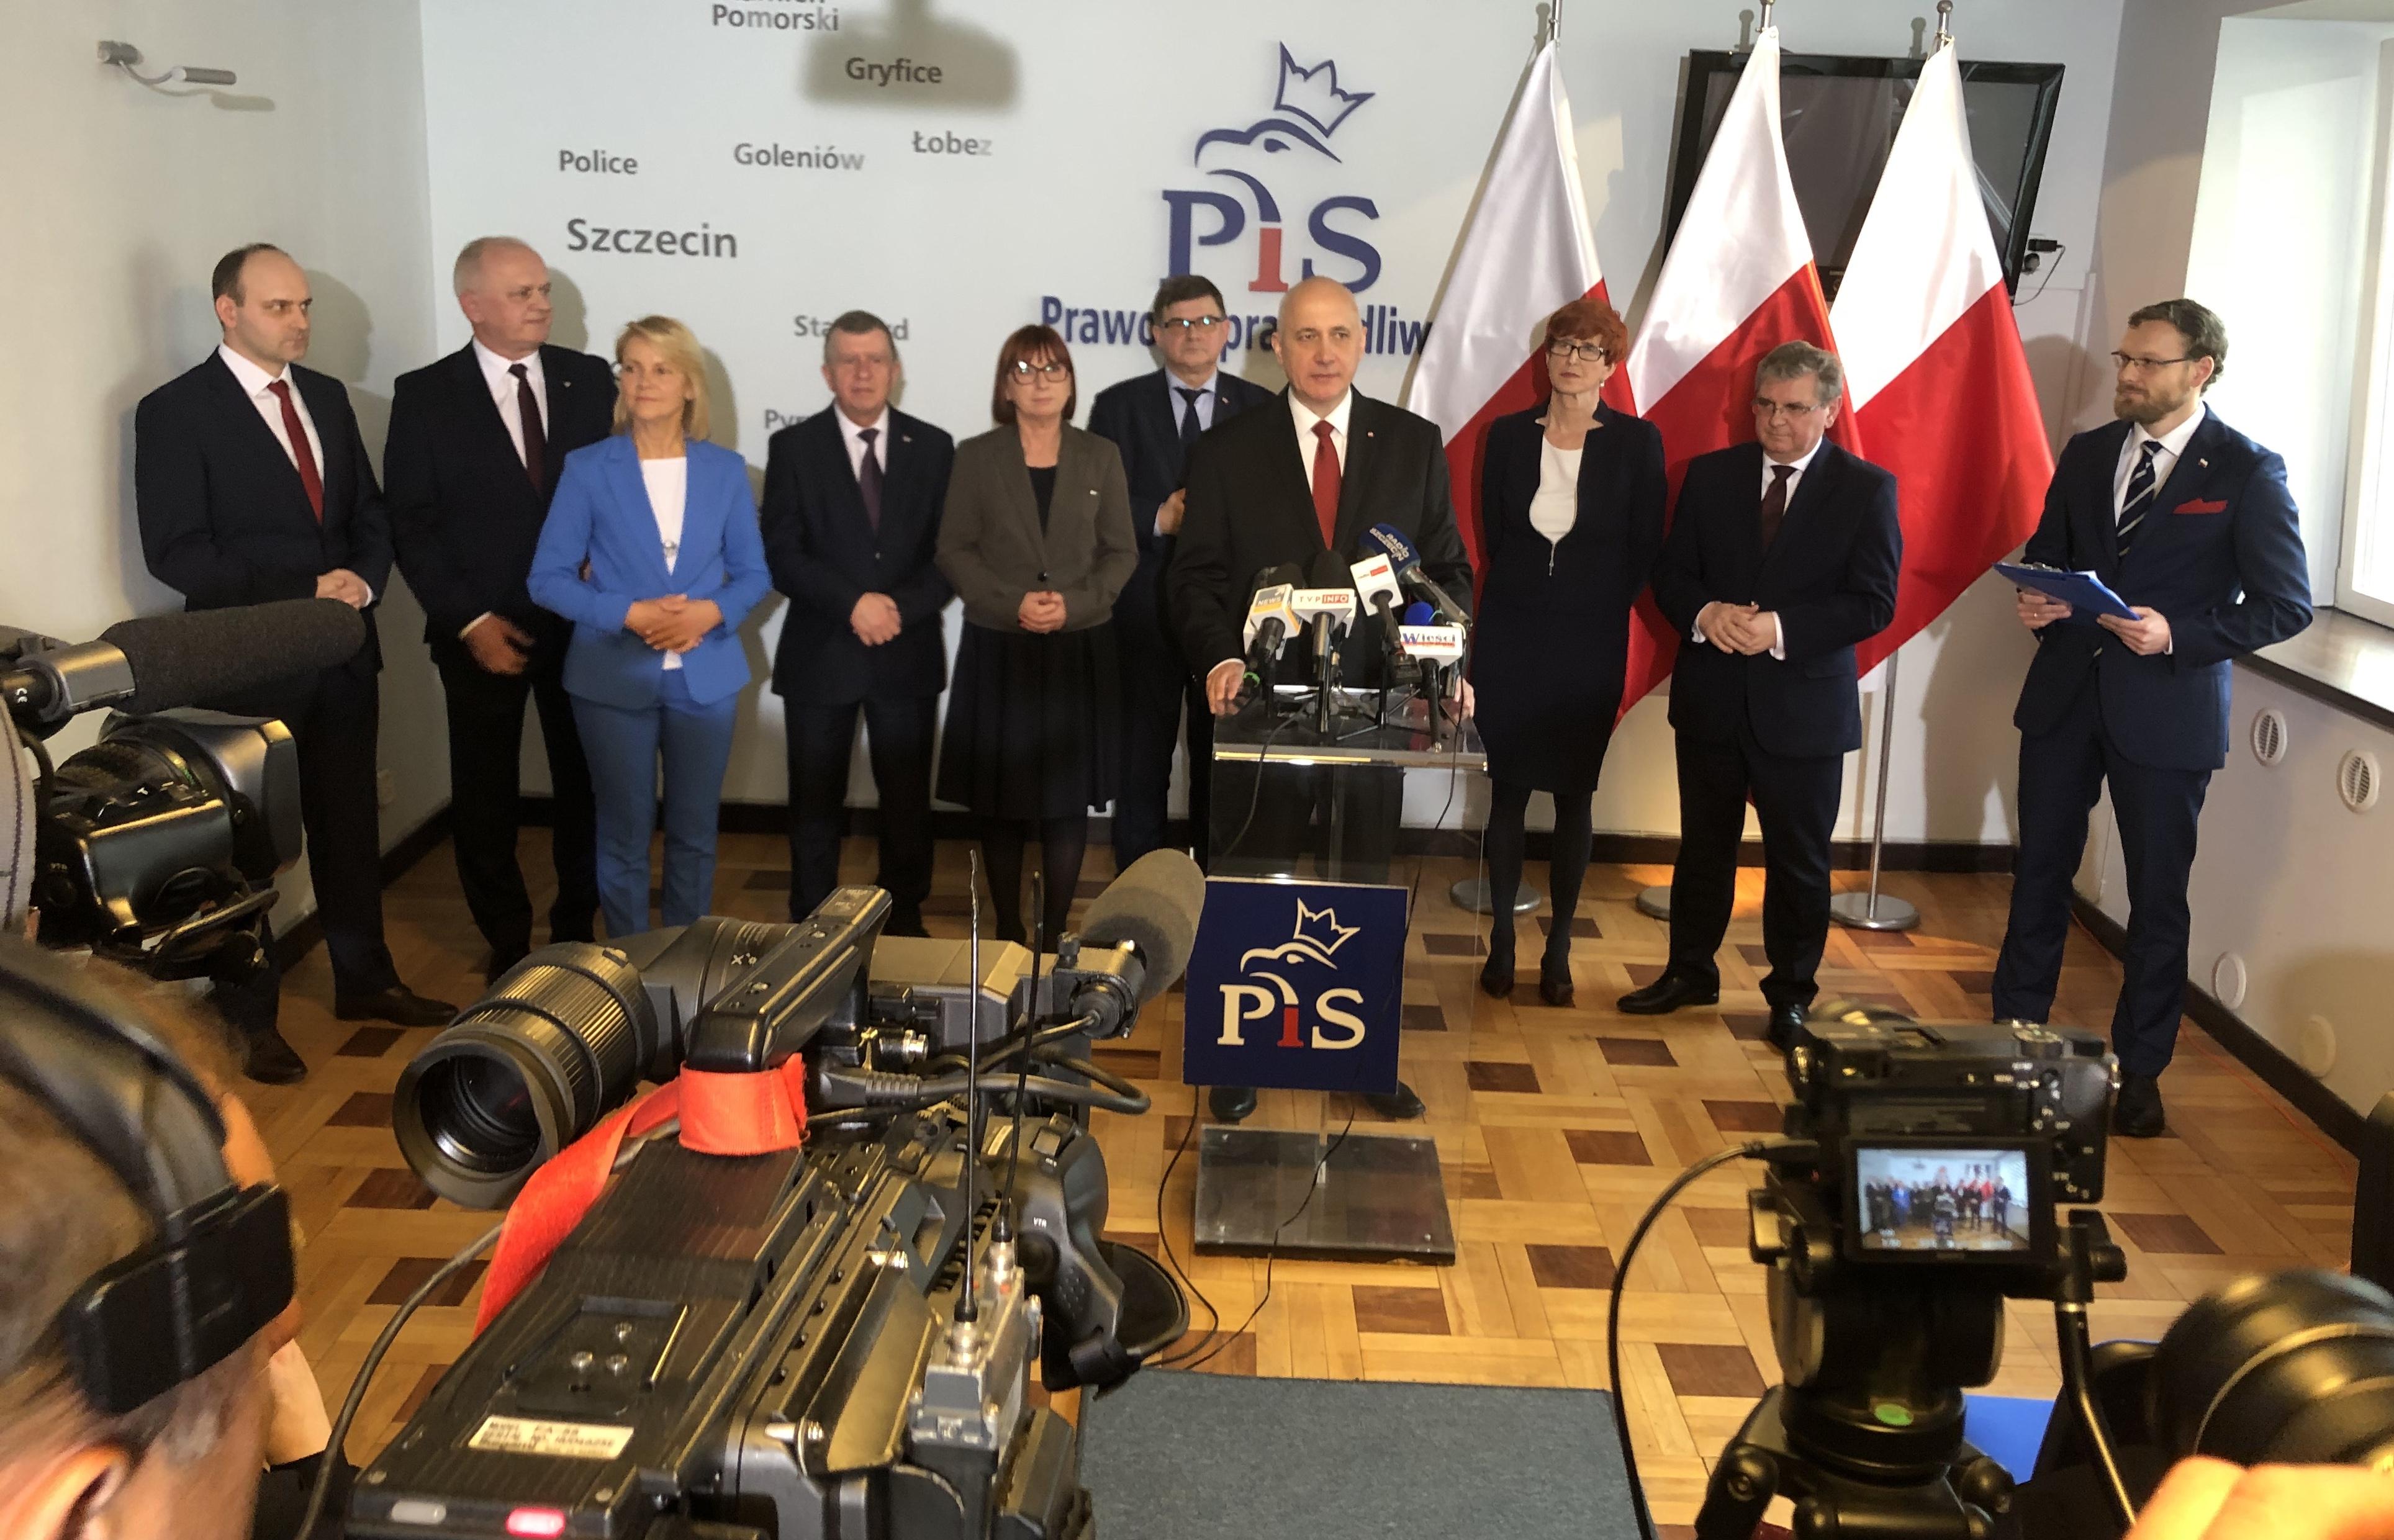 Prezentacja kandydatów w wyborach do PE